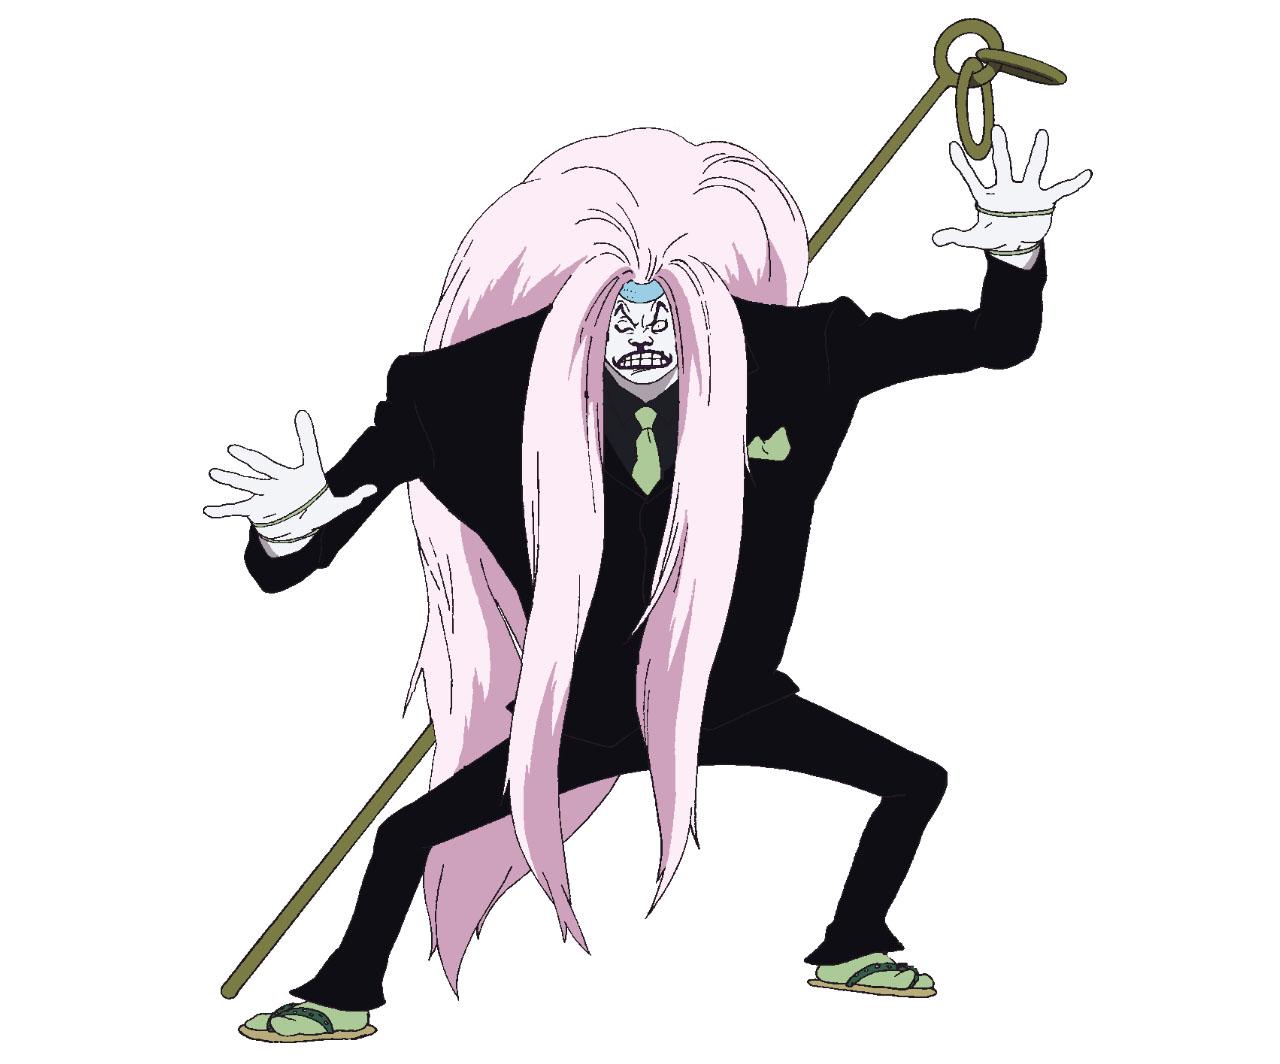 【ワンピース】クマドリの強さと能力は悪魔の実!?ワノ国編での登場は!?